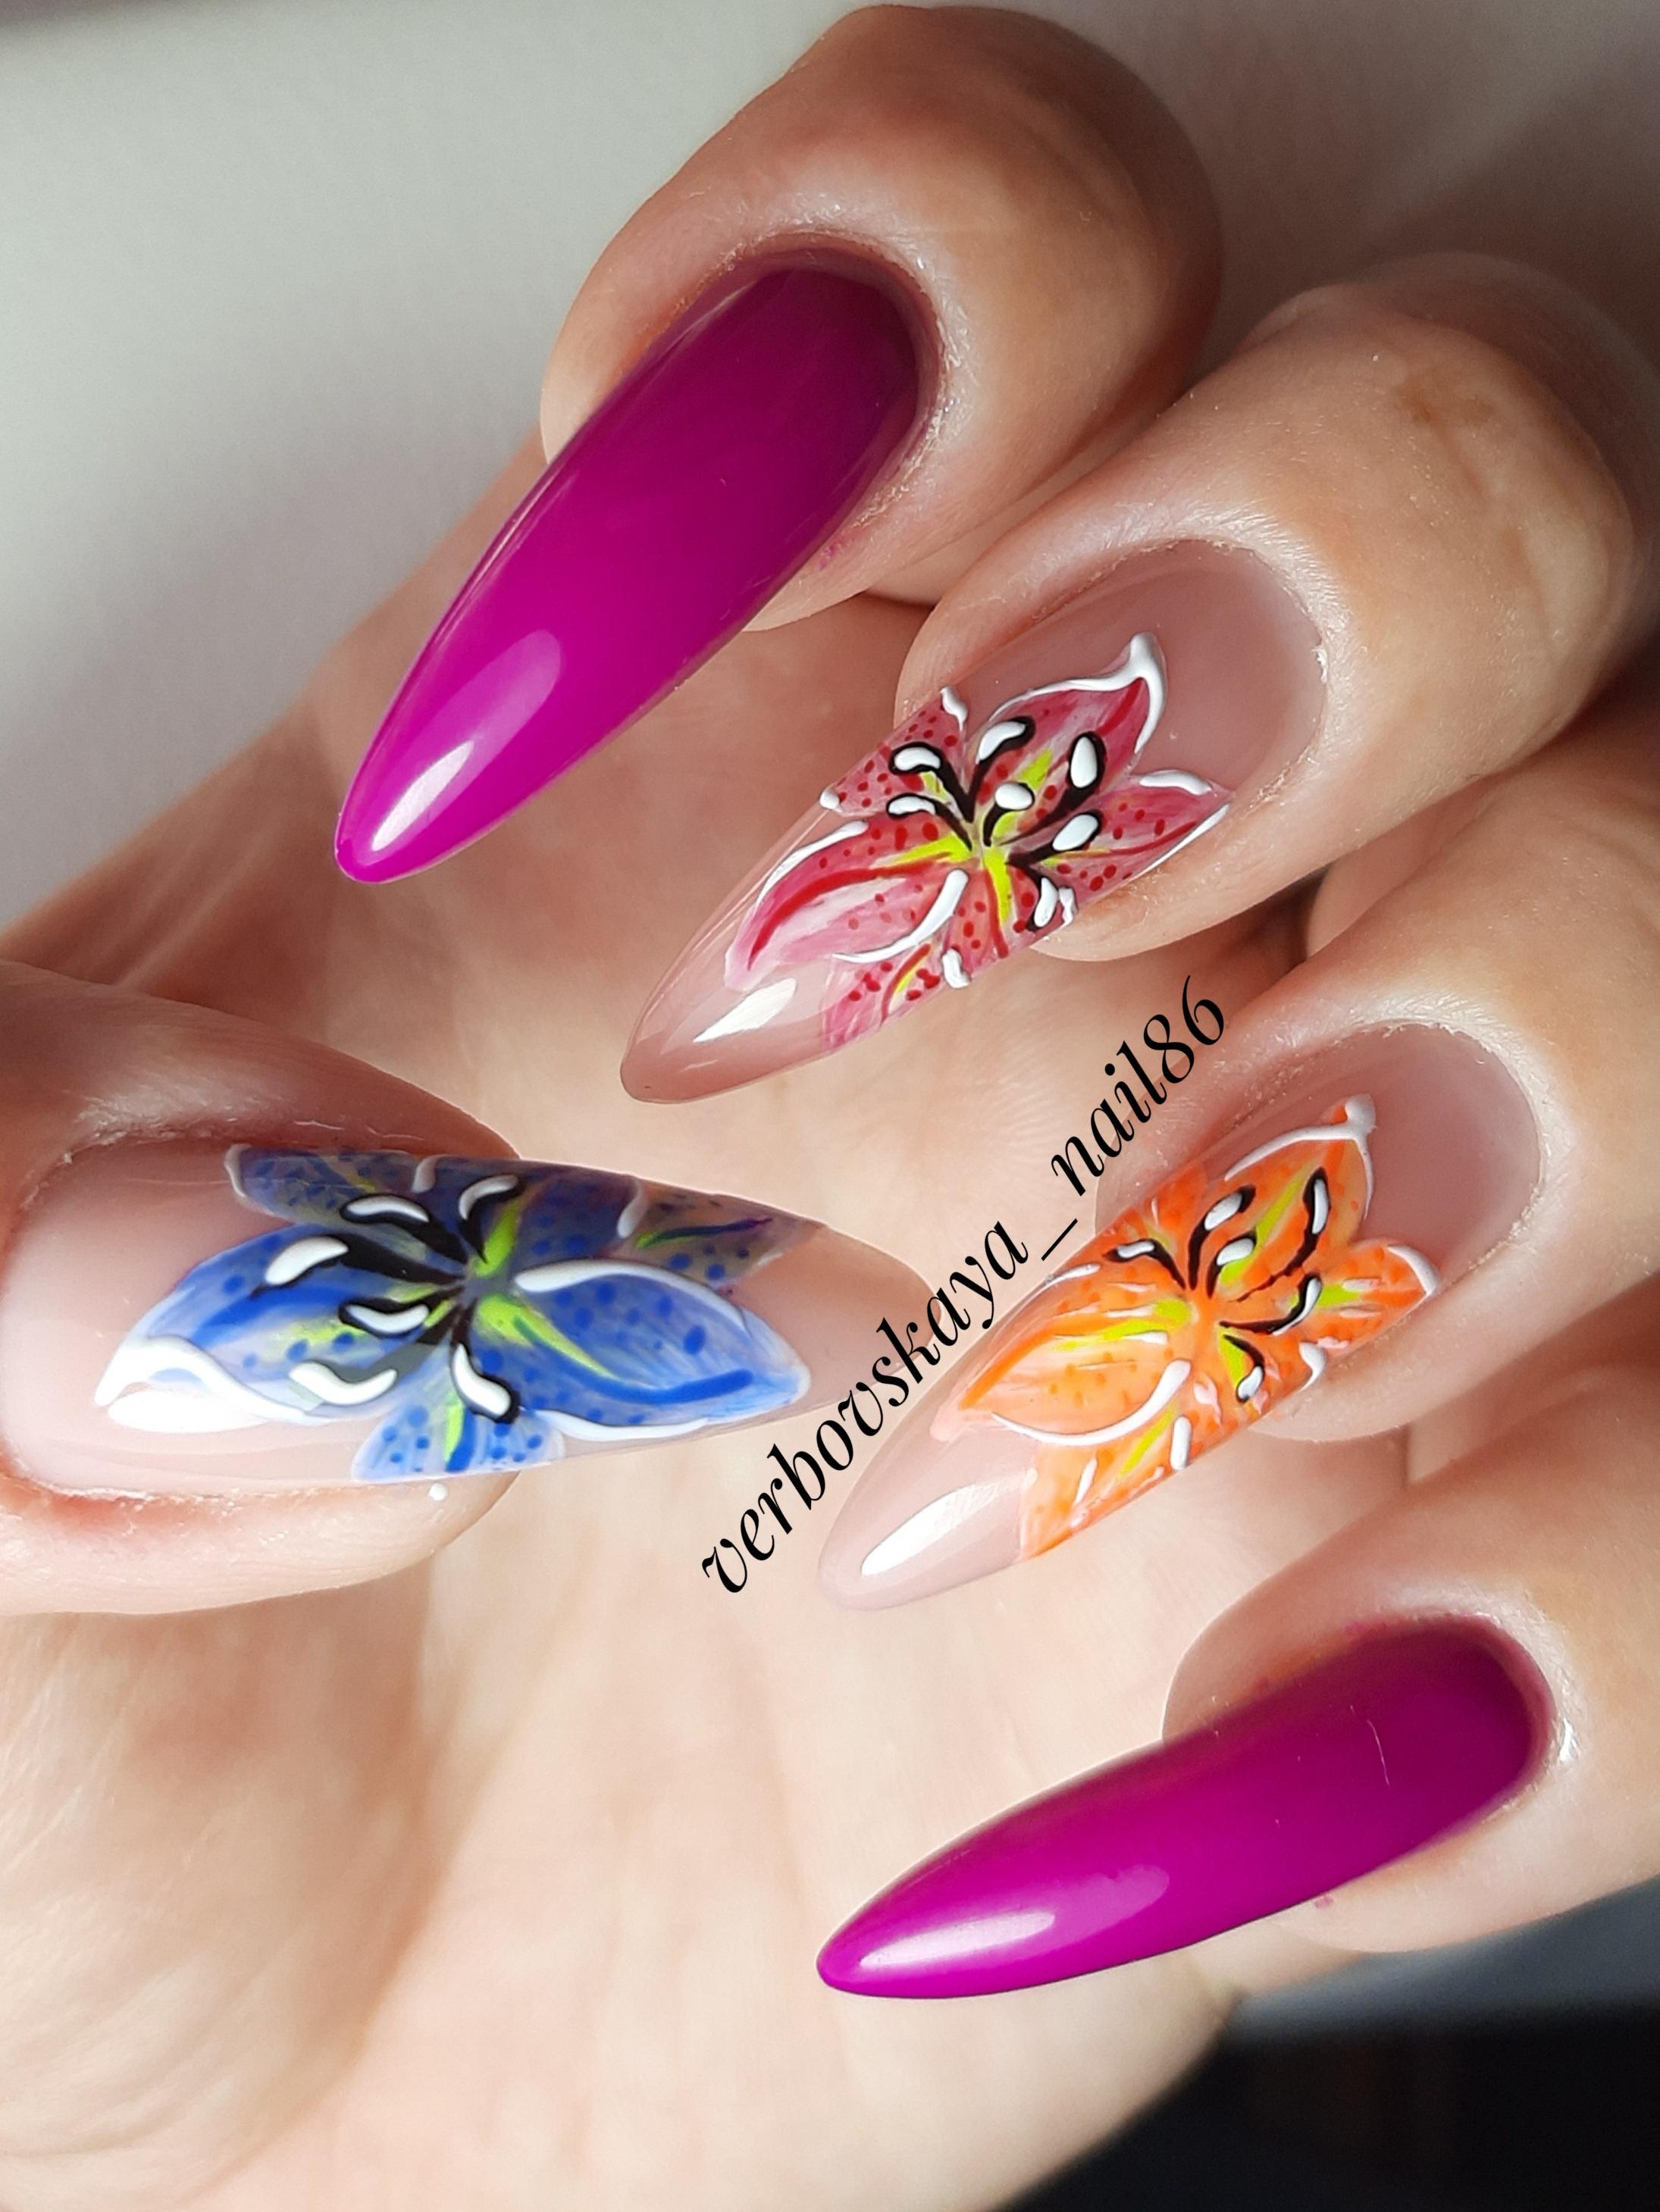 Маникюр с цветочным рисунком в баклажановом цвете на длинные ногти.